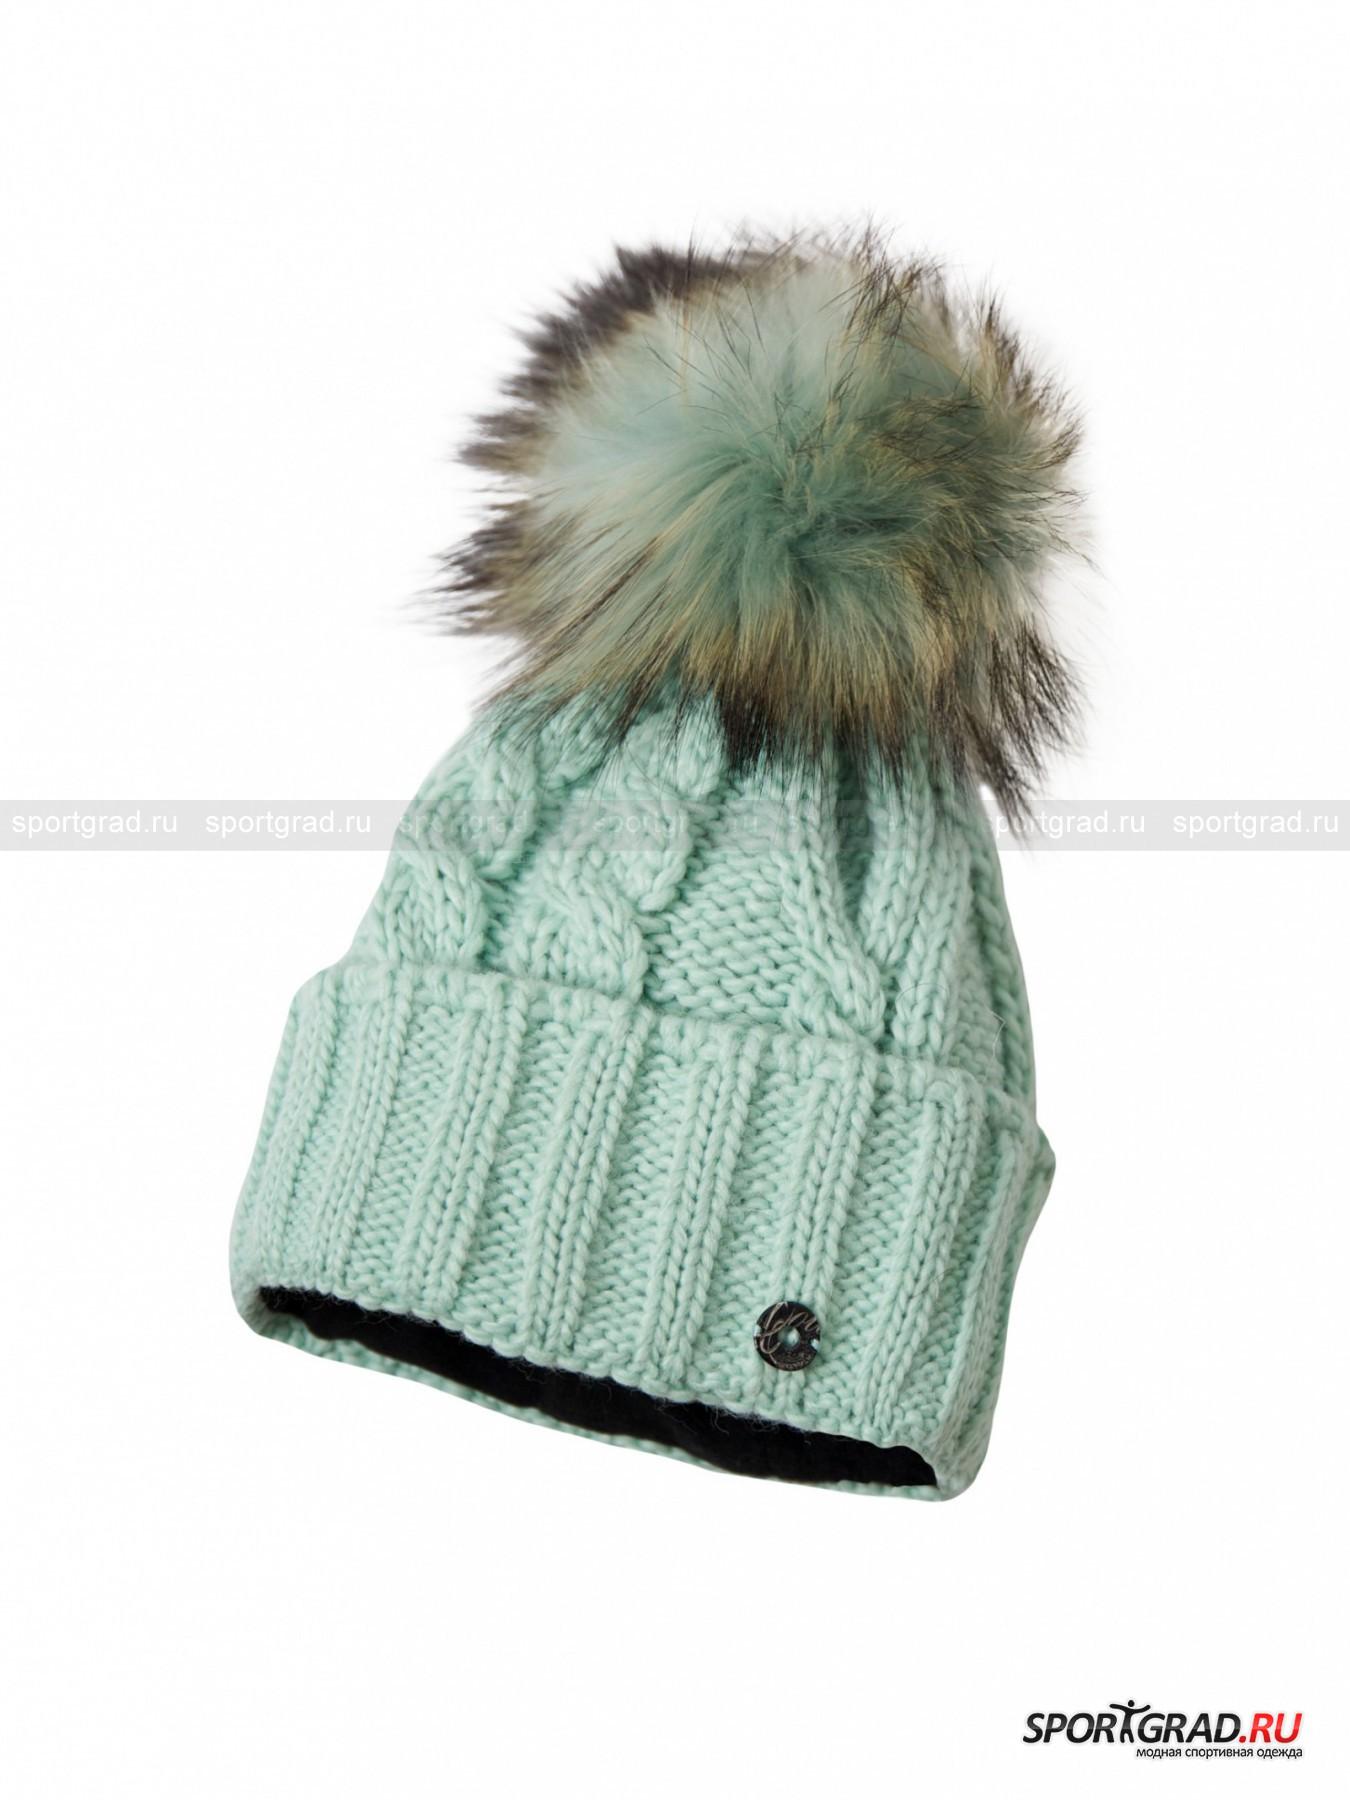 Шапка женская  Baden NE SPORTALMГоловные Уборы<br>Теплая, комфортная  и красивая шапочка Baden NE от Sportalm - прекрасный выбор и для зимовки в городе, и для горнолыжного курорта. Она выполнена в технике крупной вязки, очень модной в этом сезоне. Такая шапка непременно должна быть в гардеробе каждой девушки, следящей за тенденциями с мировых подиумов.<br><br>Модель нежного пастельного оттенка хороша не только внешне – она довольно плотная, очень мягкая и прекрасно защитит не только от холода, но и от ветра. Об этом позаботится полоска из флиса, которой дополнено изделие изнутри по периметру. Другие особенности: пушистый отстегивающийся помпон из натурального меха и фирменная нашивка Sportalm.<br><br>Пол: Женский<br>Возраст: Взрослый<br>Тип: Головные Уборы<br>Рекомендации по уходу: ручная стирка; нельзя гладить, отбеливать, сушить в стиральной машине, подвергать химической чистке<br>Состав: основной материал 70% полиакрил, 30% шерсть; подкладка 100% полиэстер; помпон 100% мех финского енота